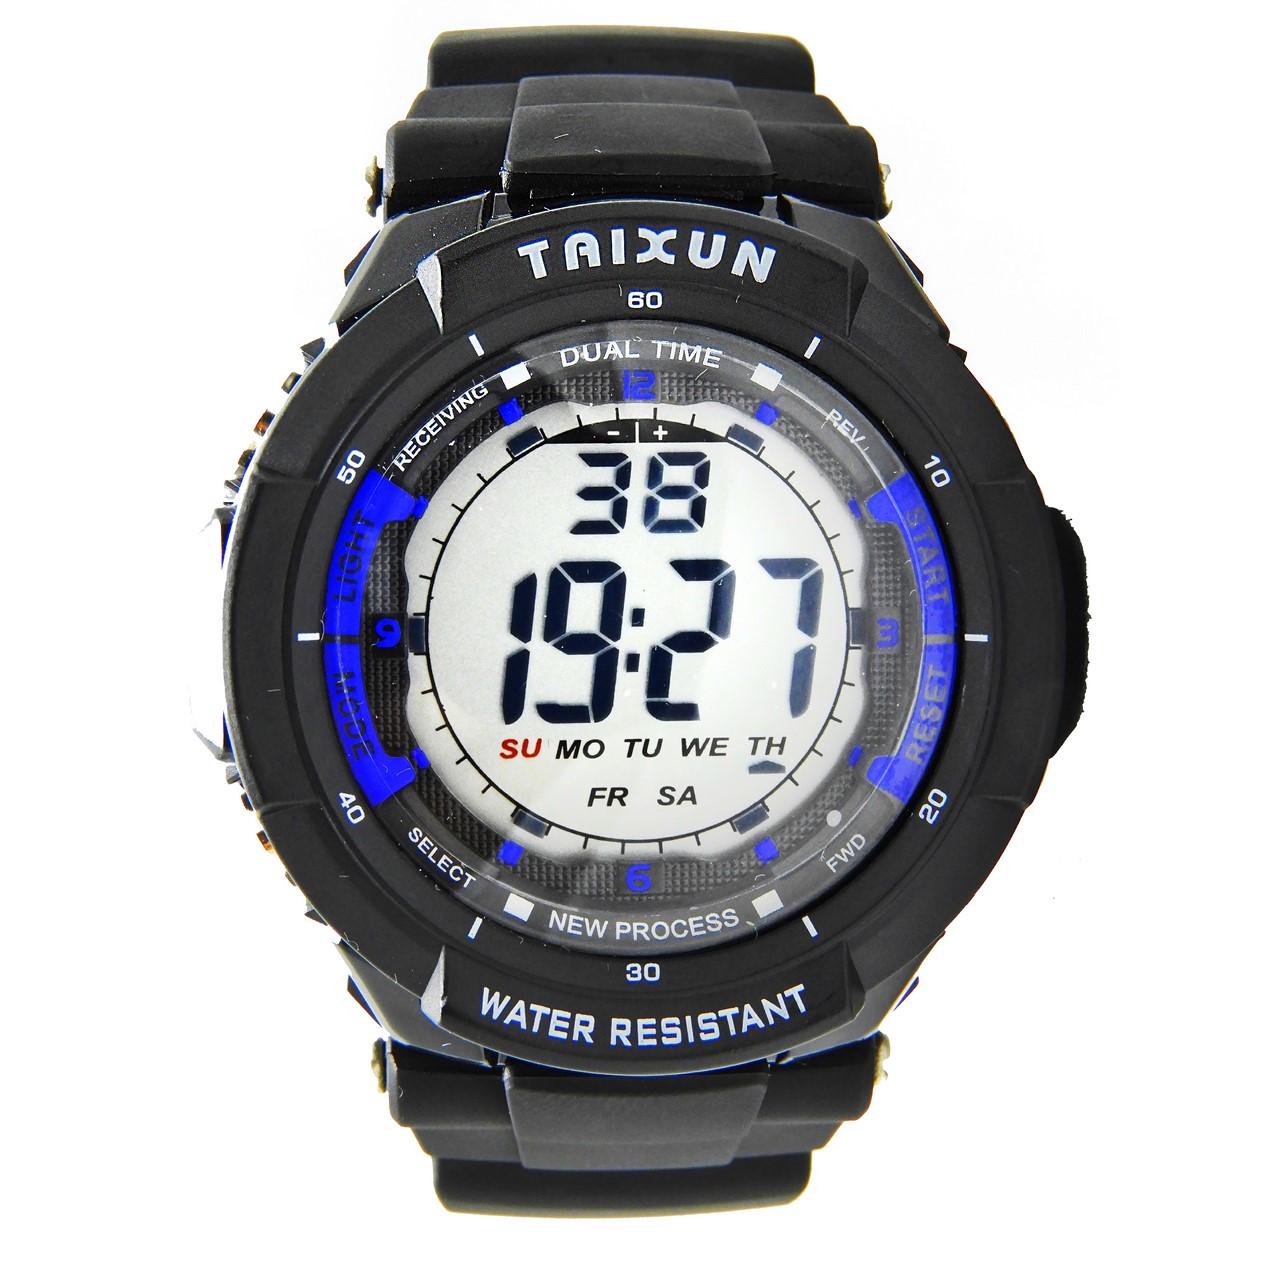 ساعت مچی دیجیتال تایزن مدل Dual Time 52